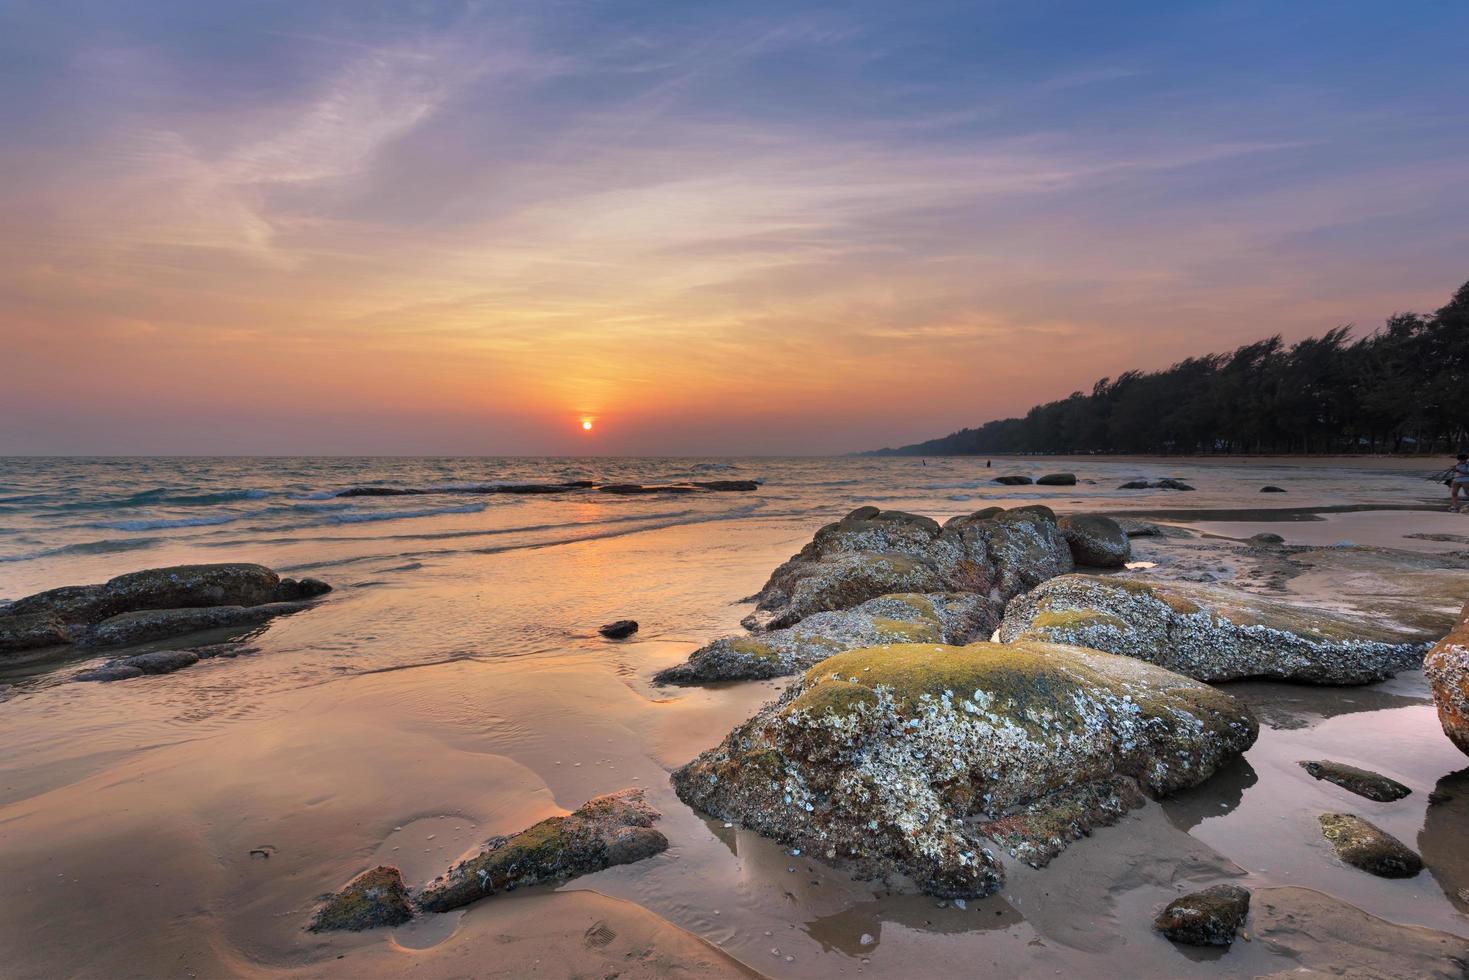 spiaggia tropicale al tramonto foto